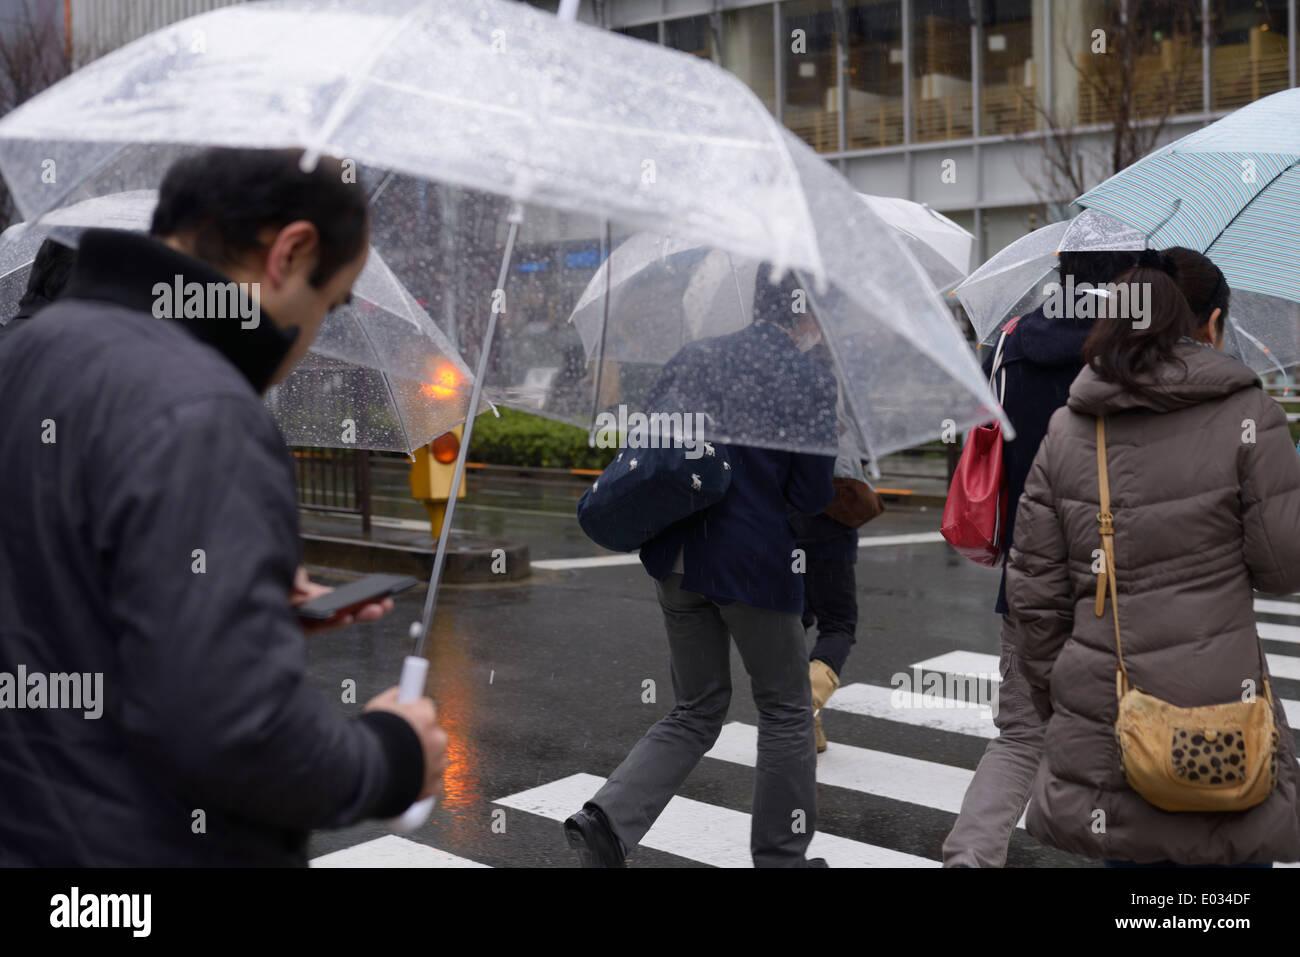 Menschen mit Regenschirmen über Straße im Regen, Tokio, Japan. Stockbild